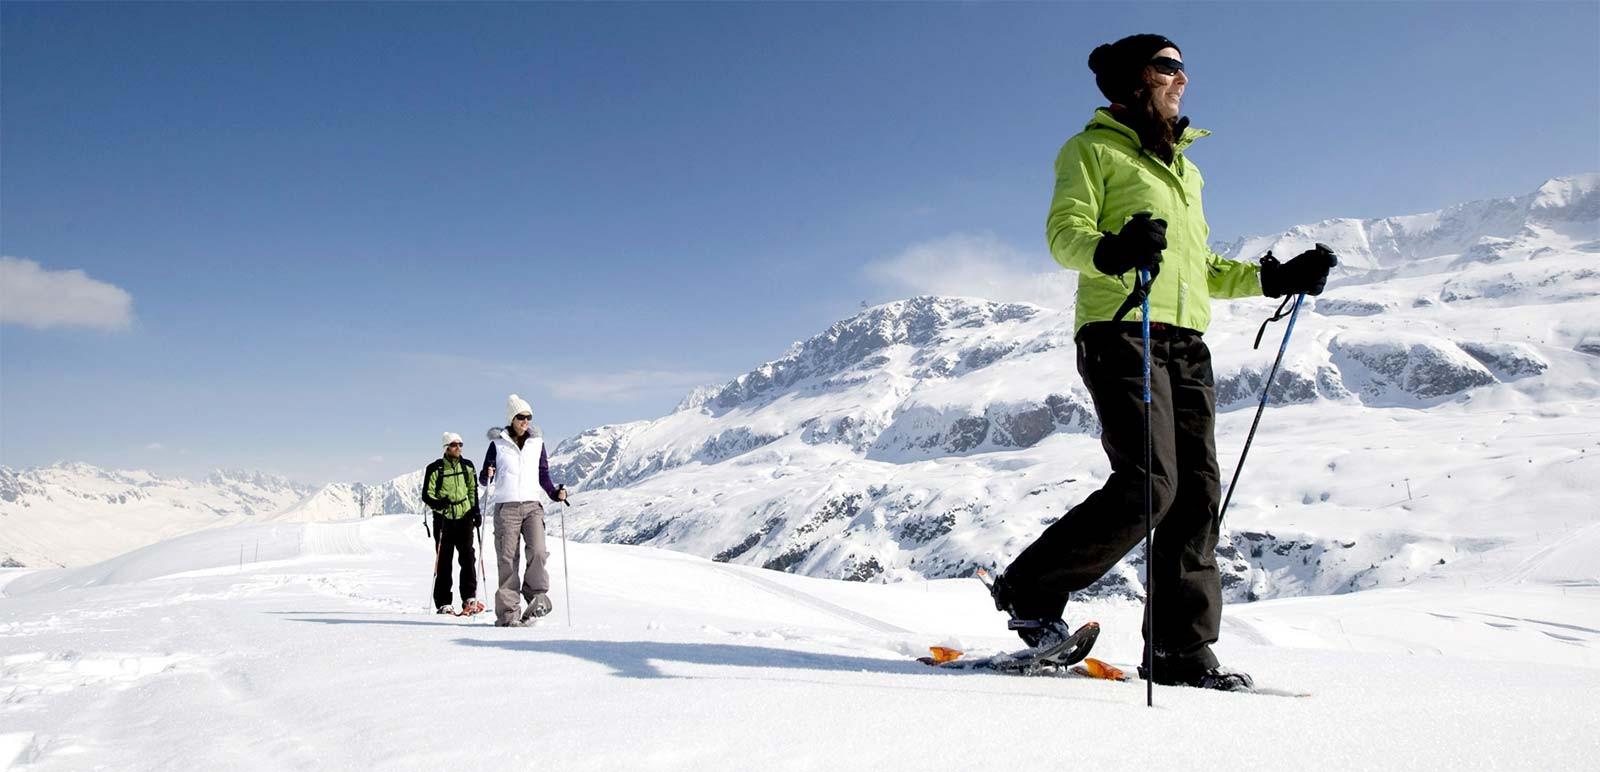 Peyragudes: profundidad de la nieve, calidad de la nieve, pendientes y elevaciones abiertas, estado del centro turístico, última nevada ...